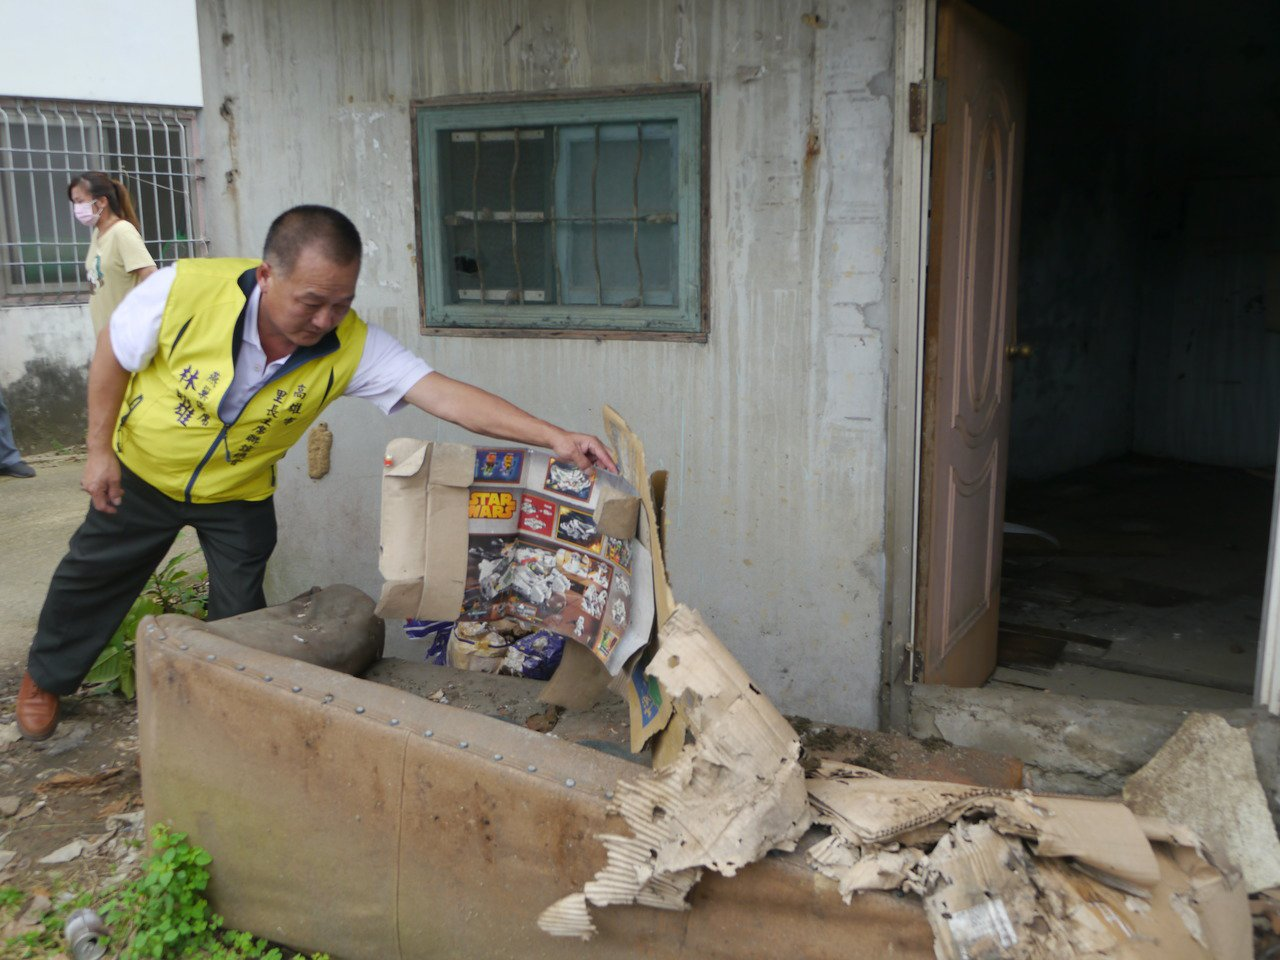 當地里長林明雄掀開廢紙,裡面就是遭人丟棄在路旁的骨灰罈。記者徐白櫻/攝影